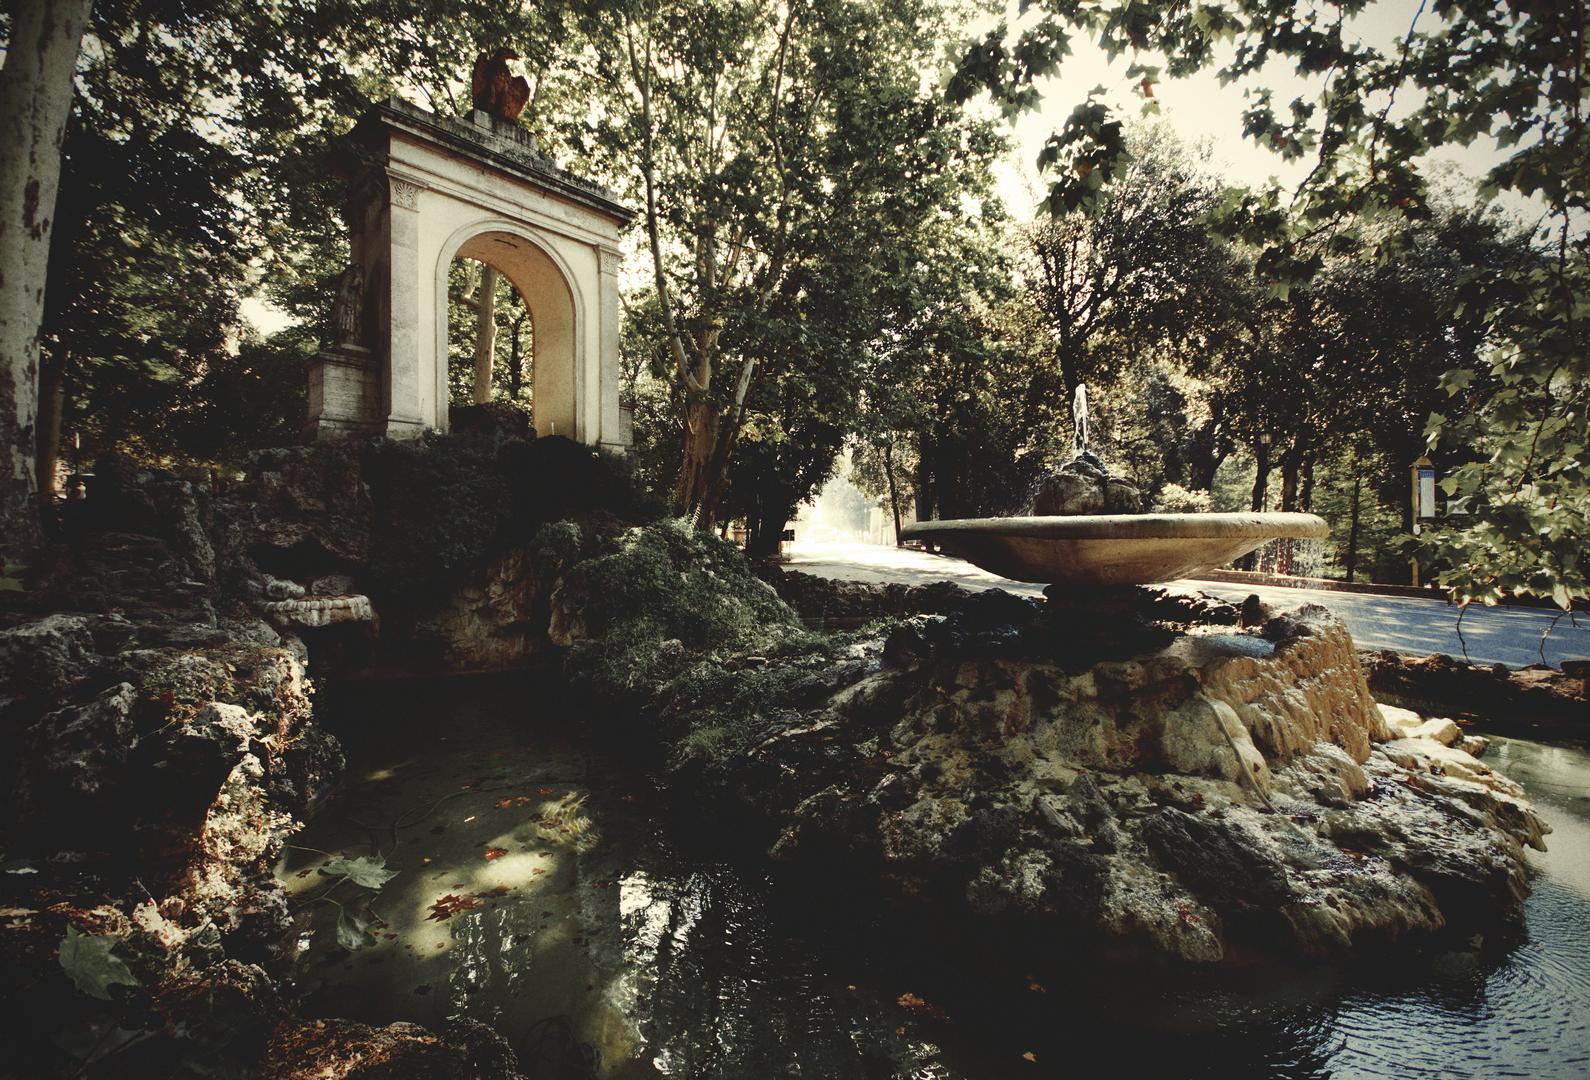 Fotografia in Roma - VIlla Borghese, le fontane - Michele Settembre